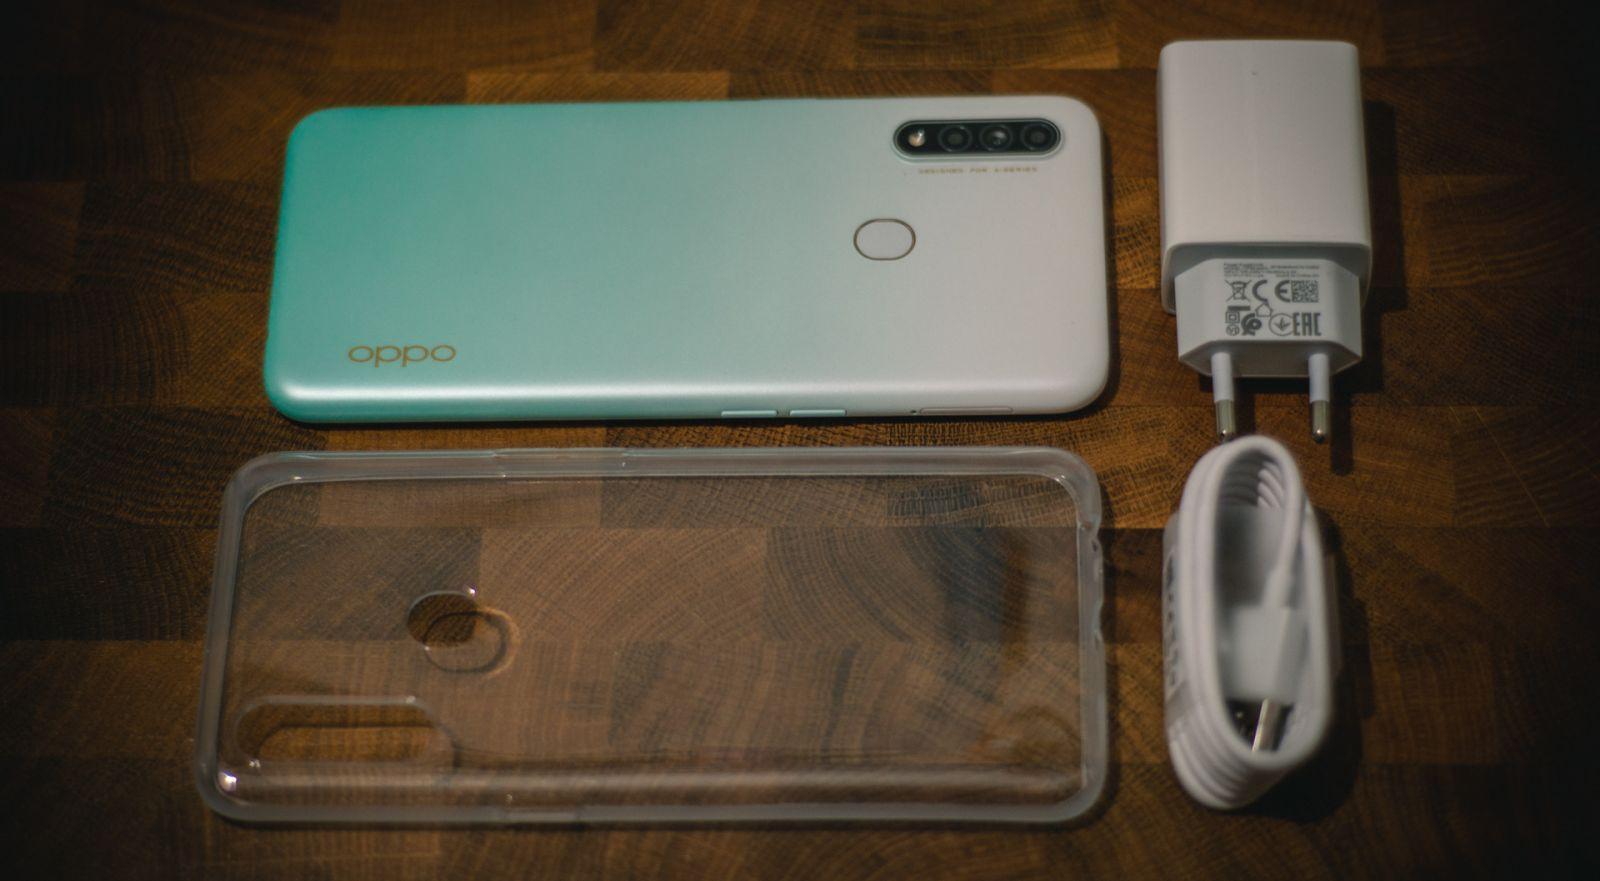 Обзор смартфона OPPO A31: бюджетный красавец (dsc 8762)